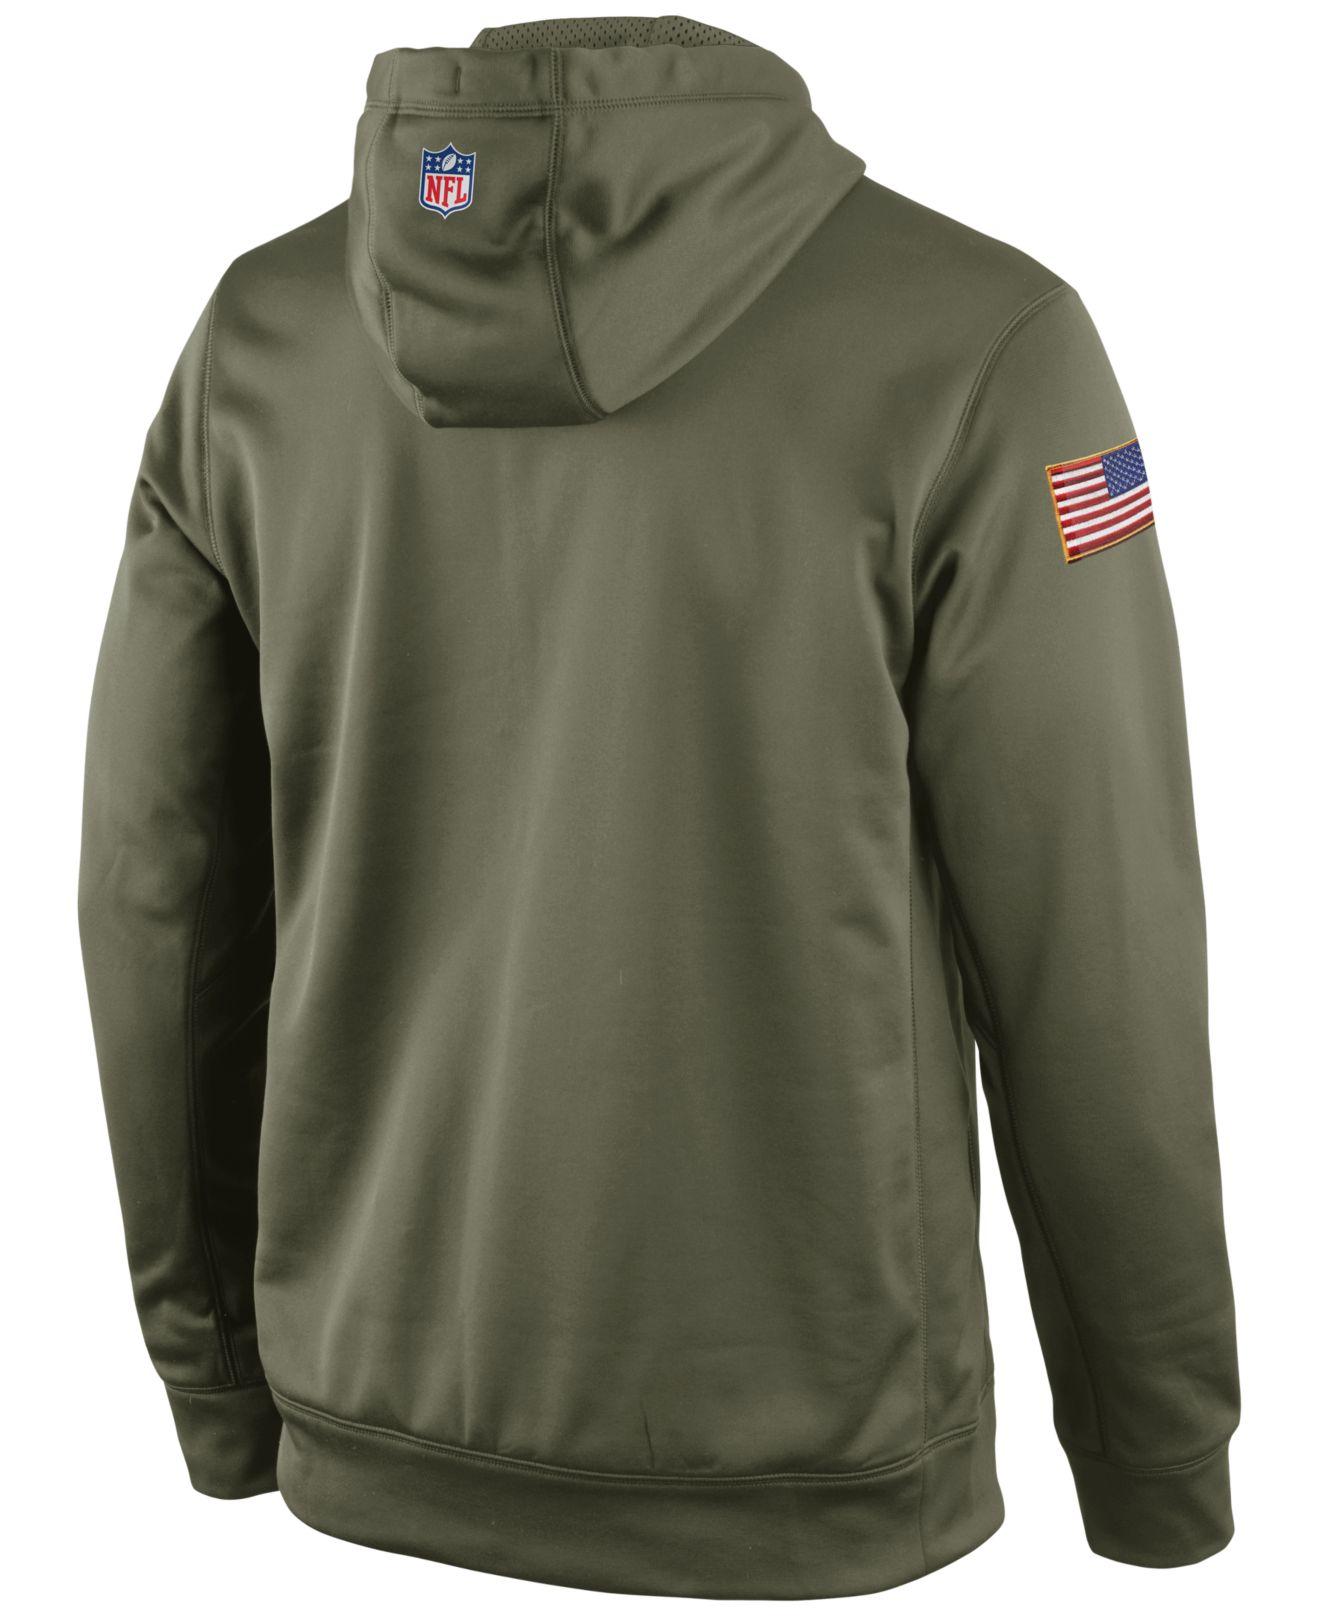 Redskin hoodies